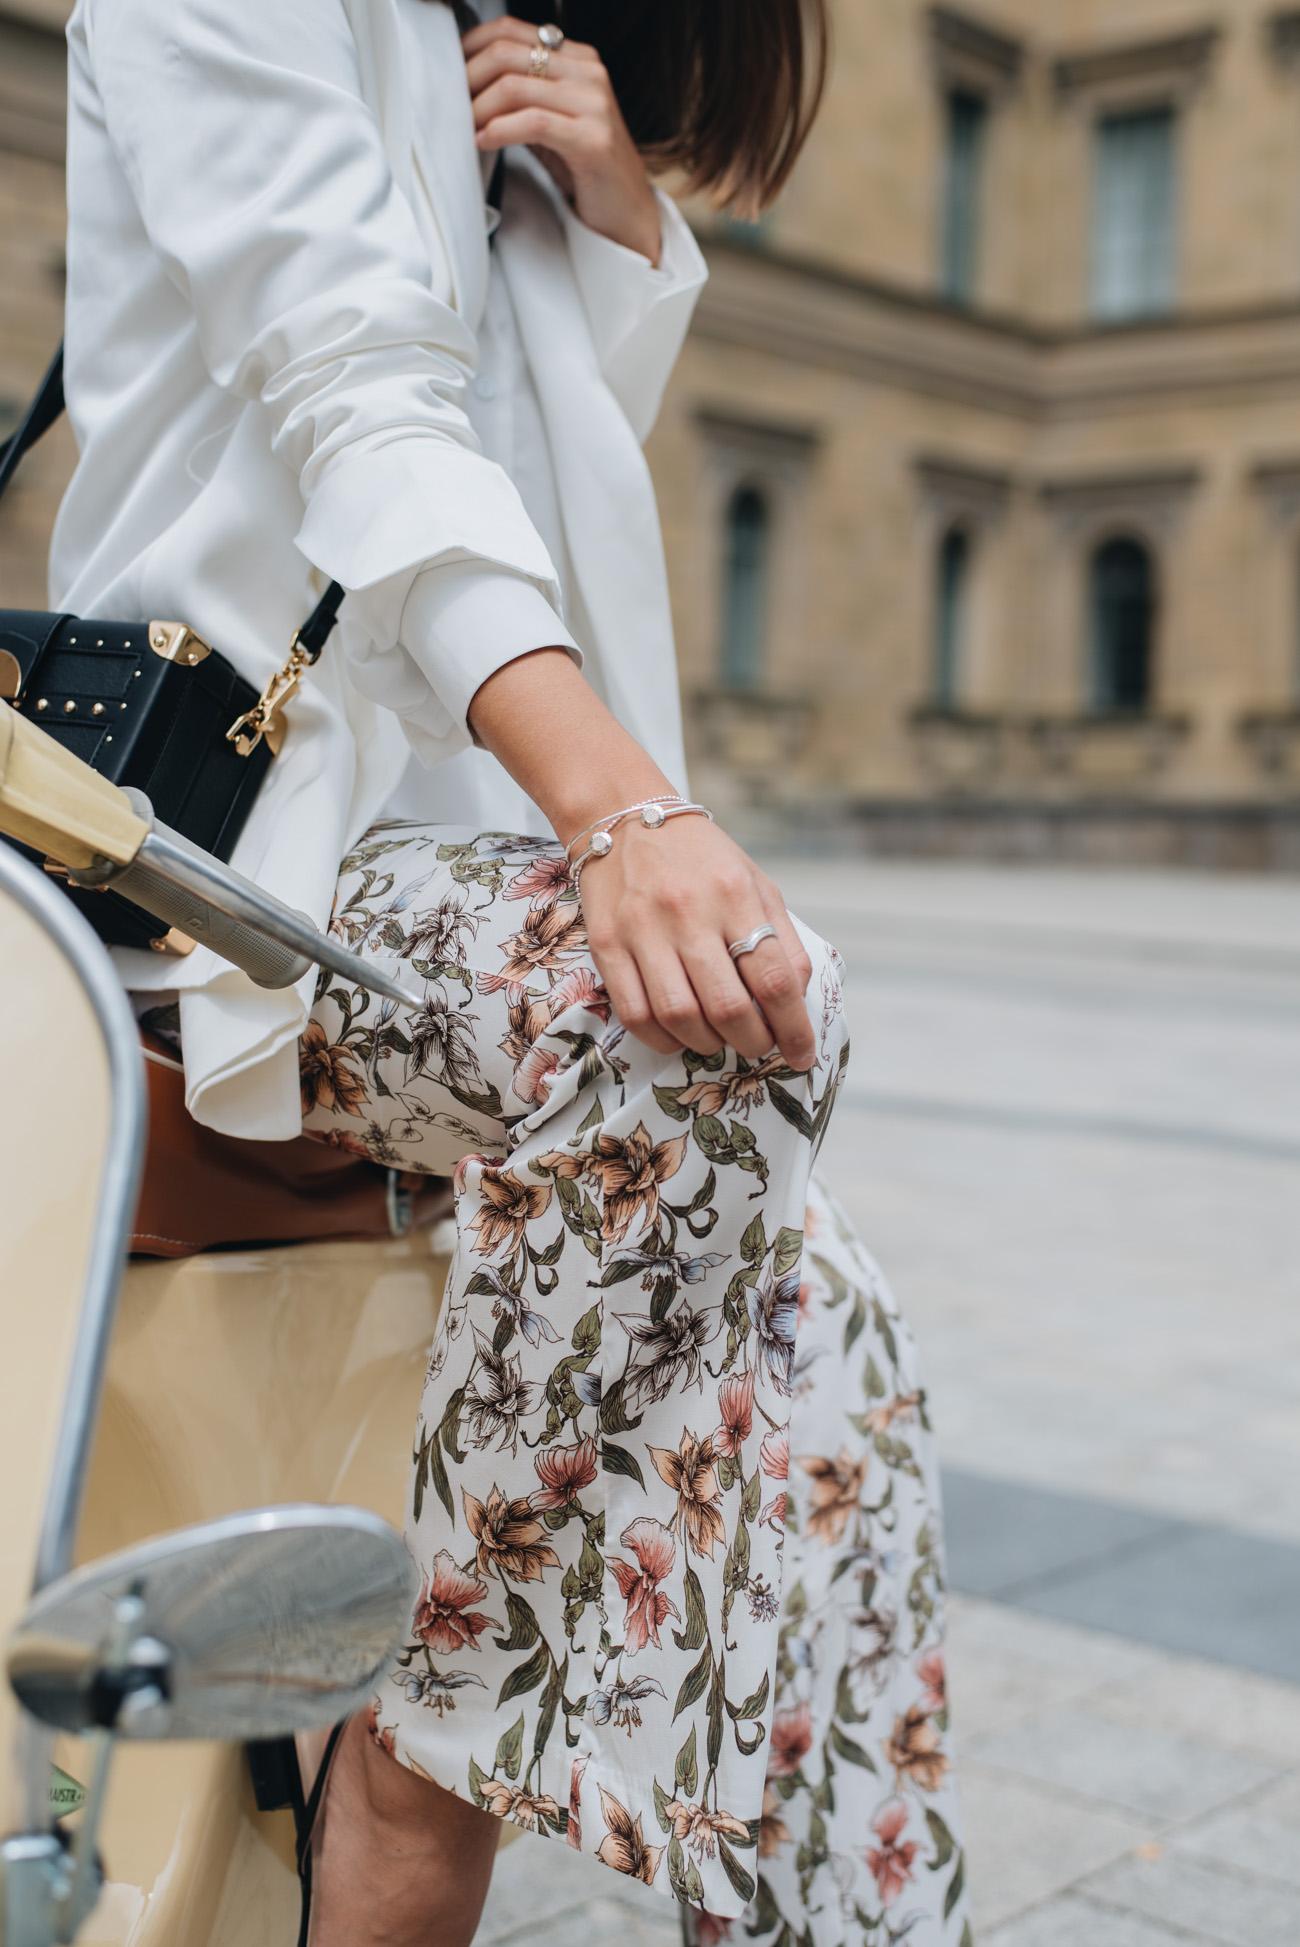 Hose-mit-Blumenprint-H&M-damen-schlaghose-mit-blumen-print-Mango-Koffer-Handtasche-weißer-Sommer-Blazer-nina-schwichtenberg-fashiioncarpet